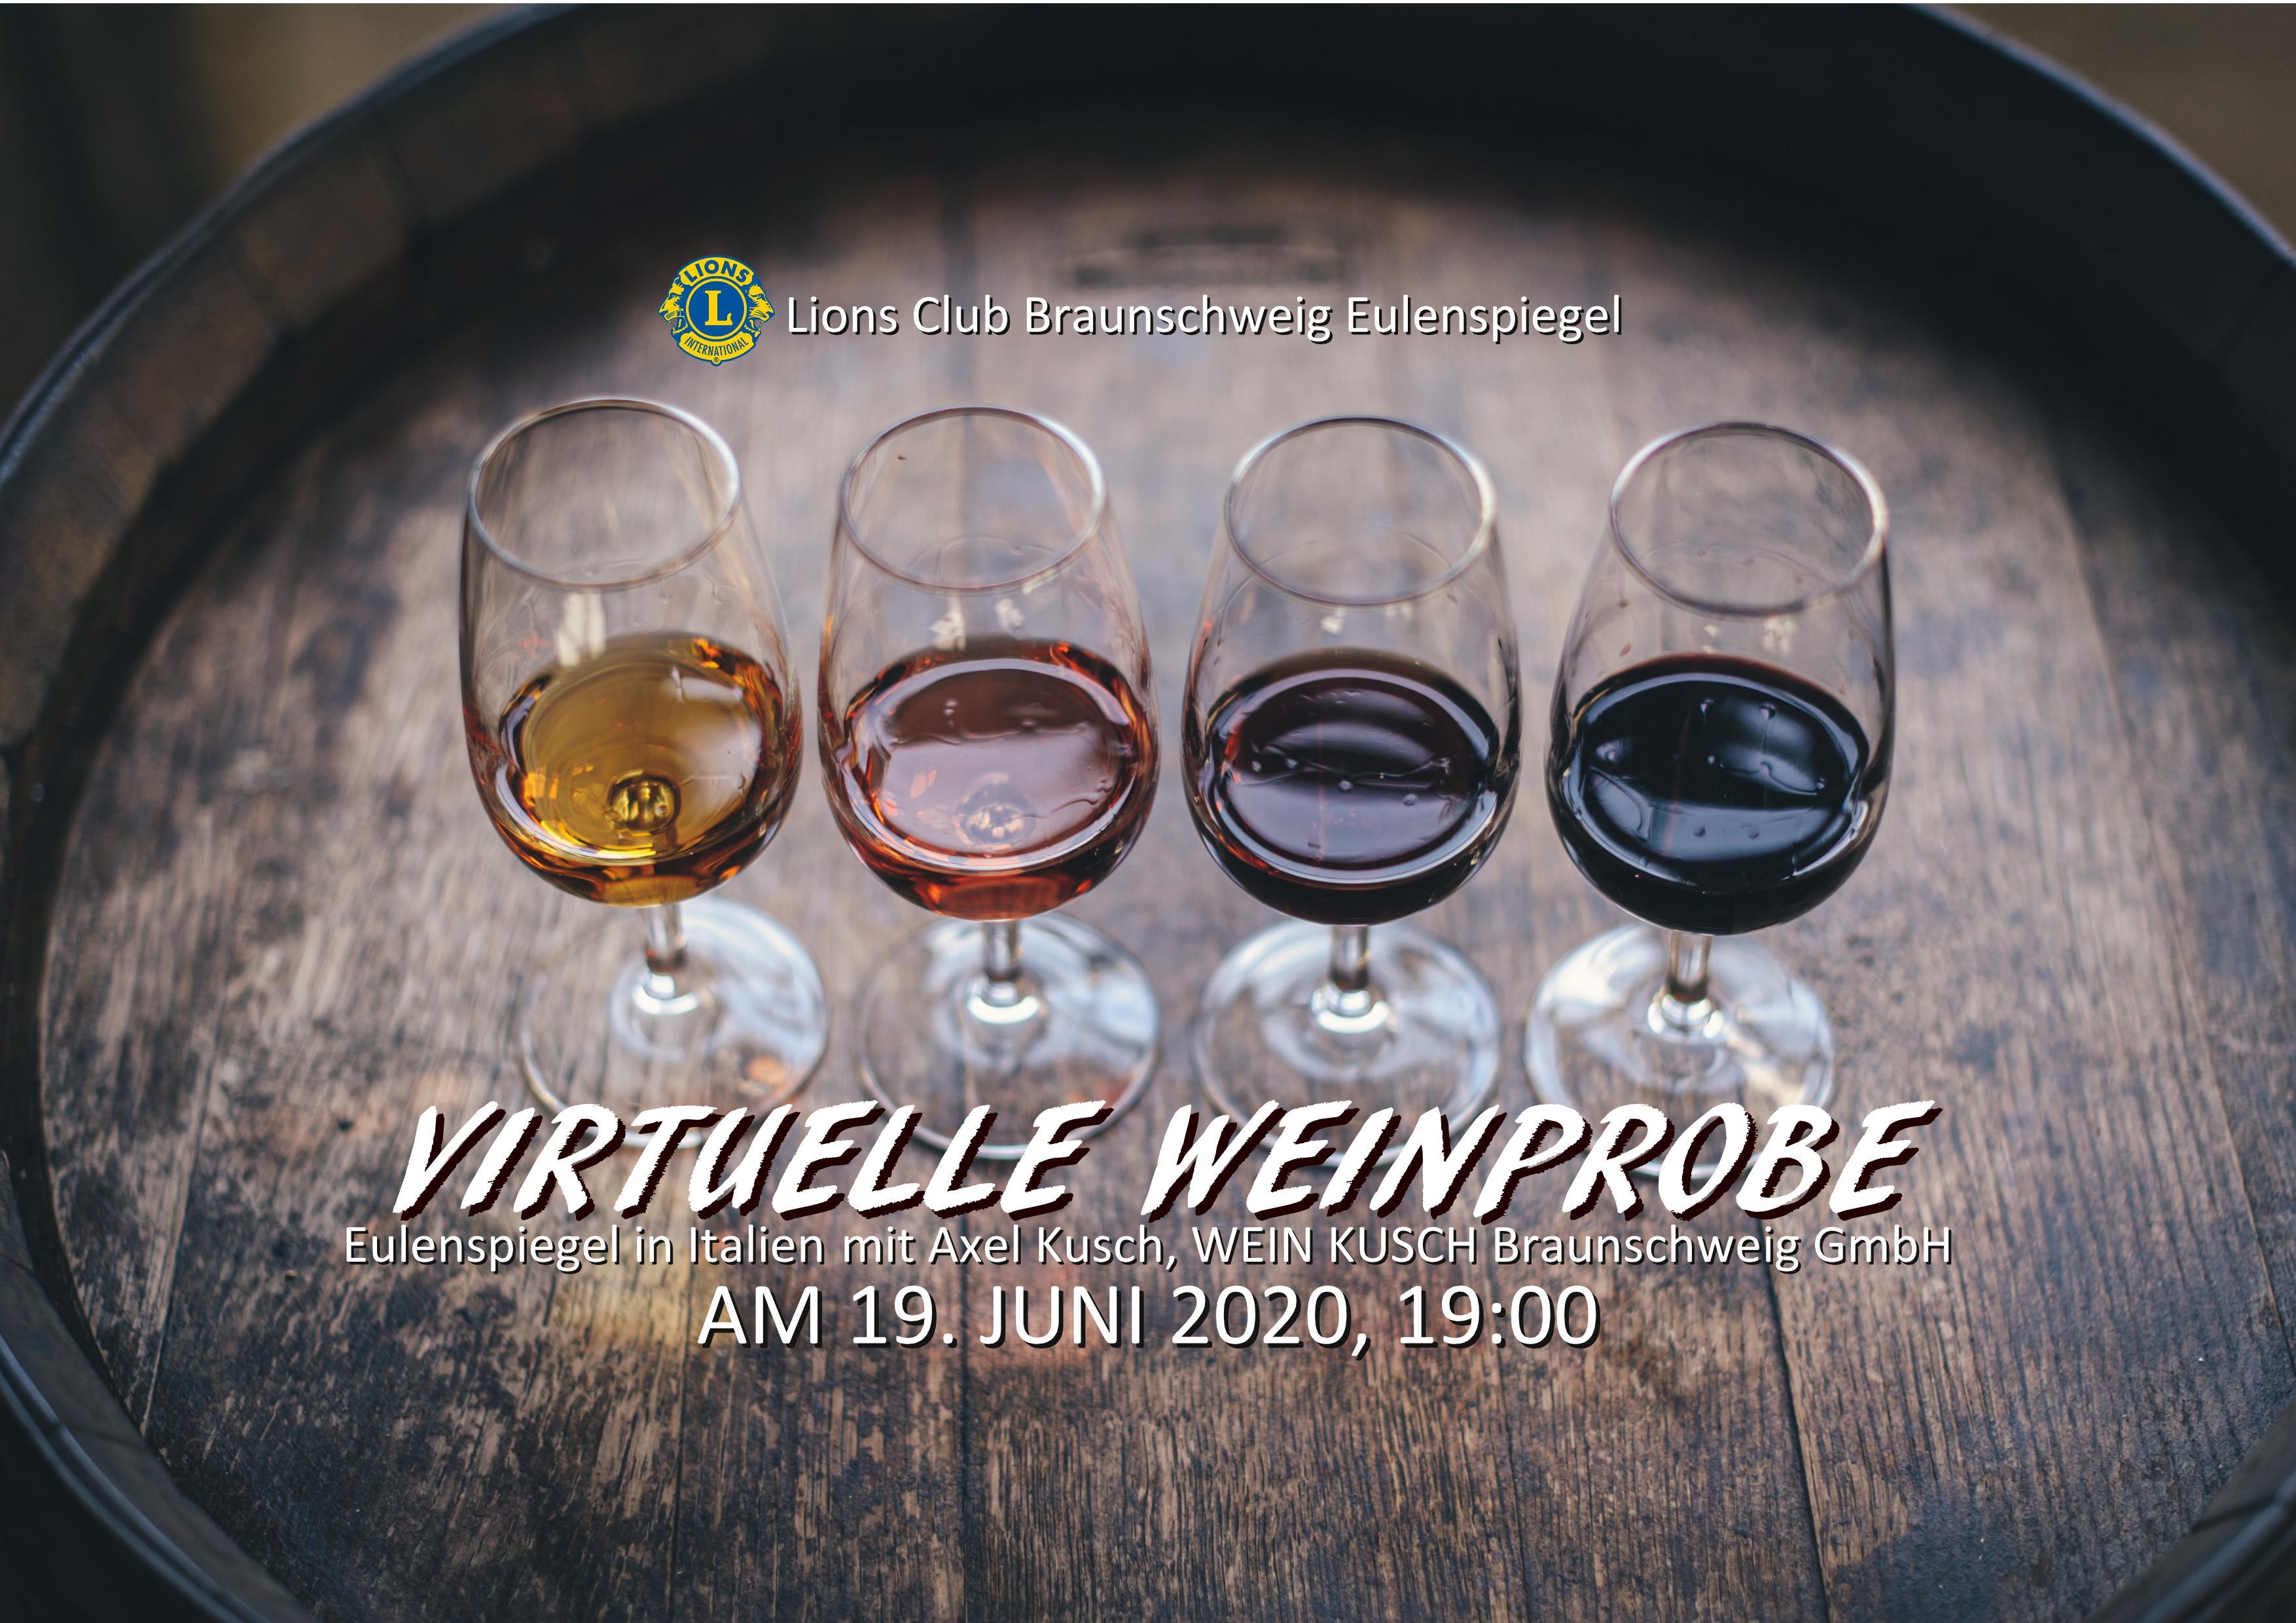 Virtuelle Weinprobe mit dem Lions Club Eulenspiegel